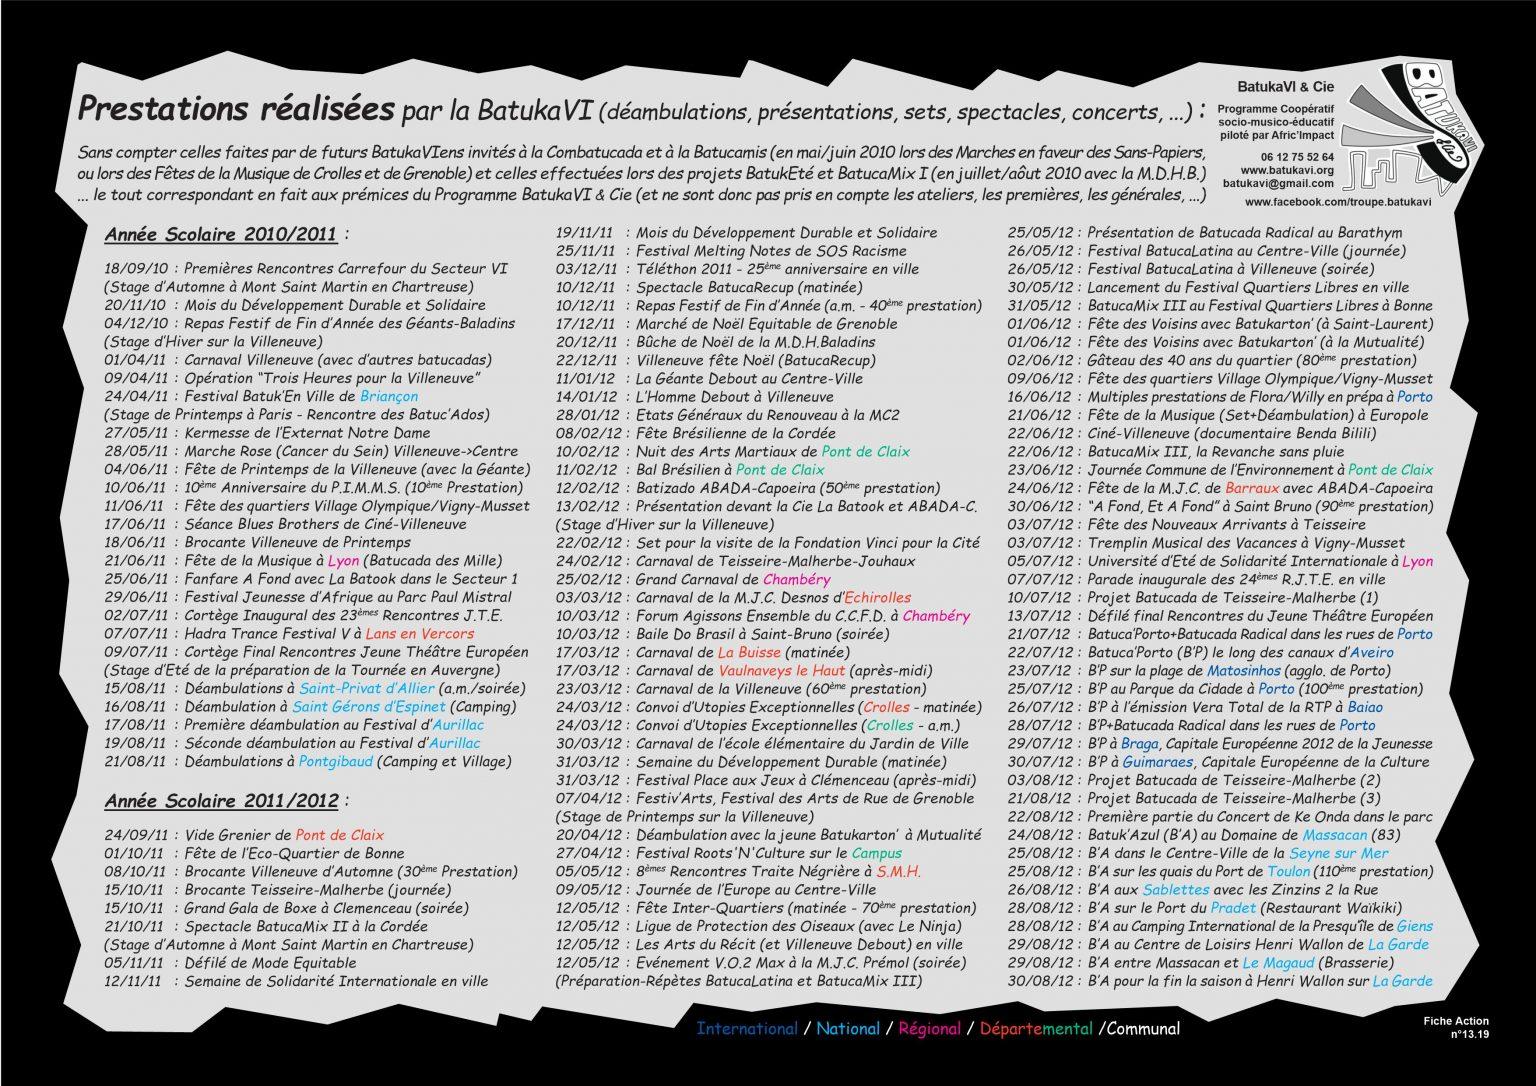 BatukaVI - F.A. 13.19 - Liste des Prestations Réalisées en 2010-2012